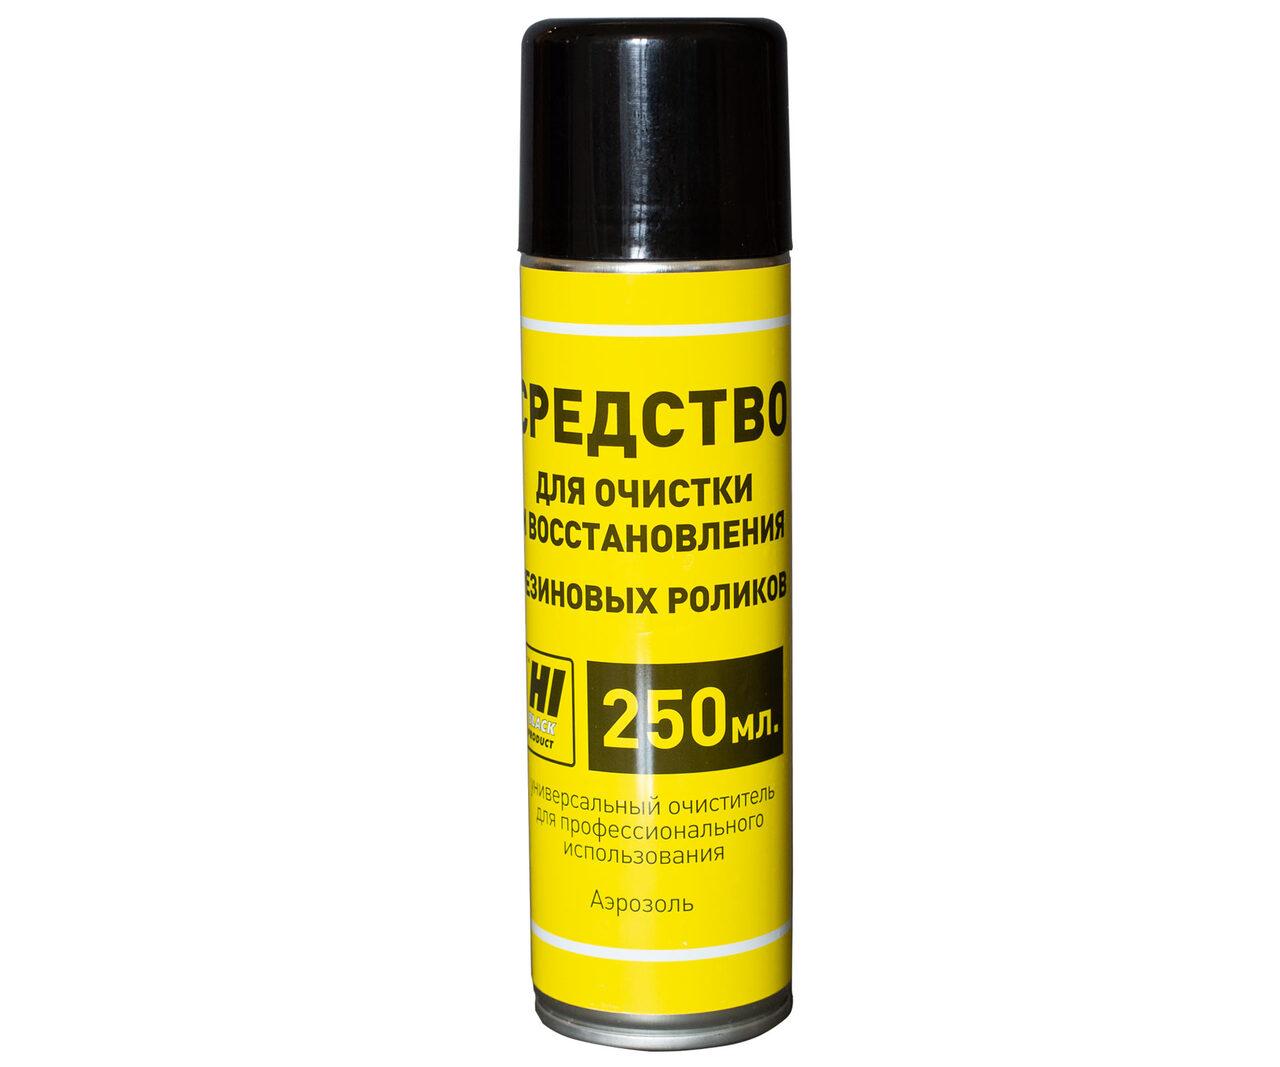 Средство Hi-Black для очистки и восстановления резиновыхроликов, аэрозоль 250 мл